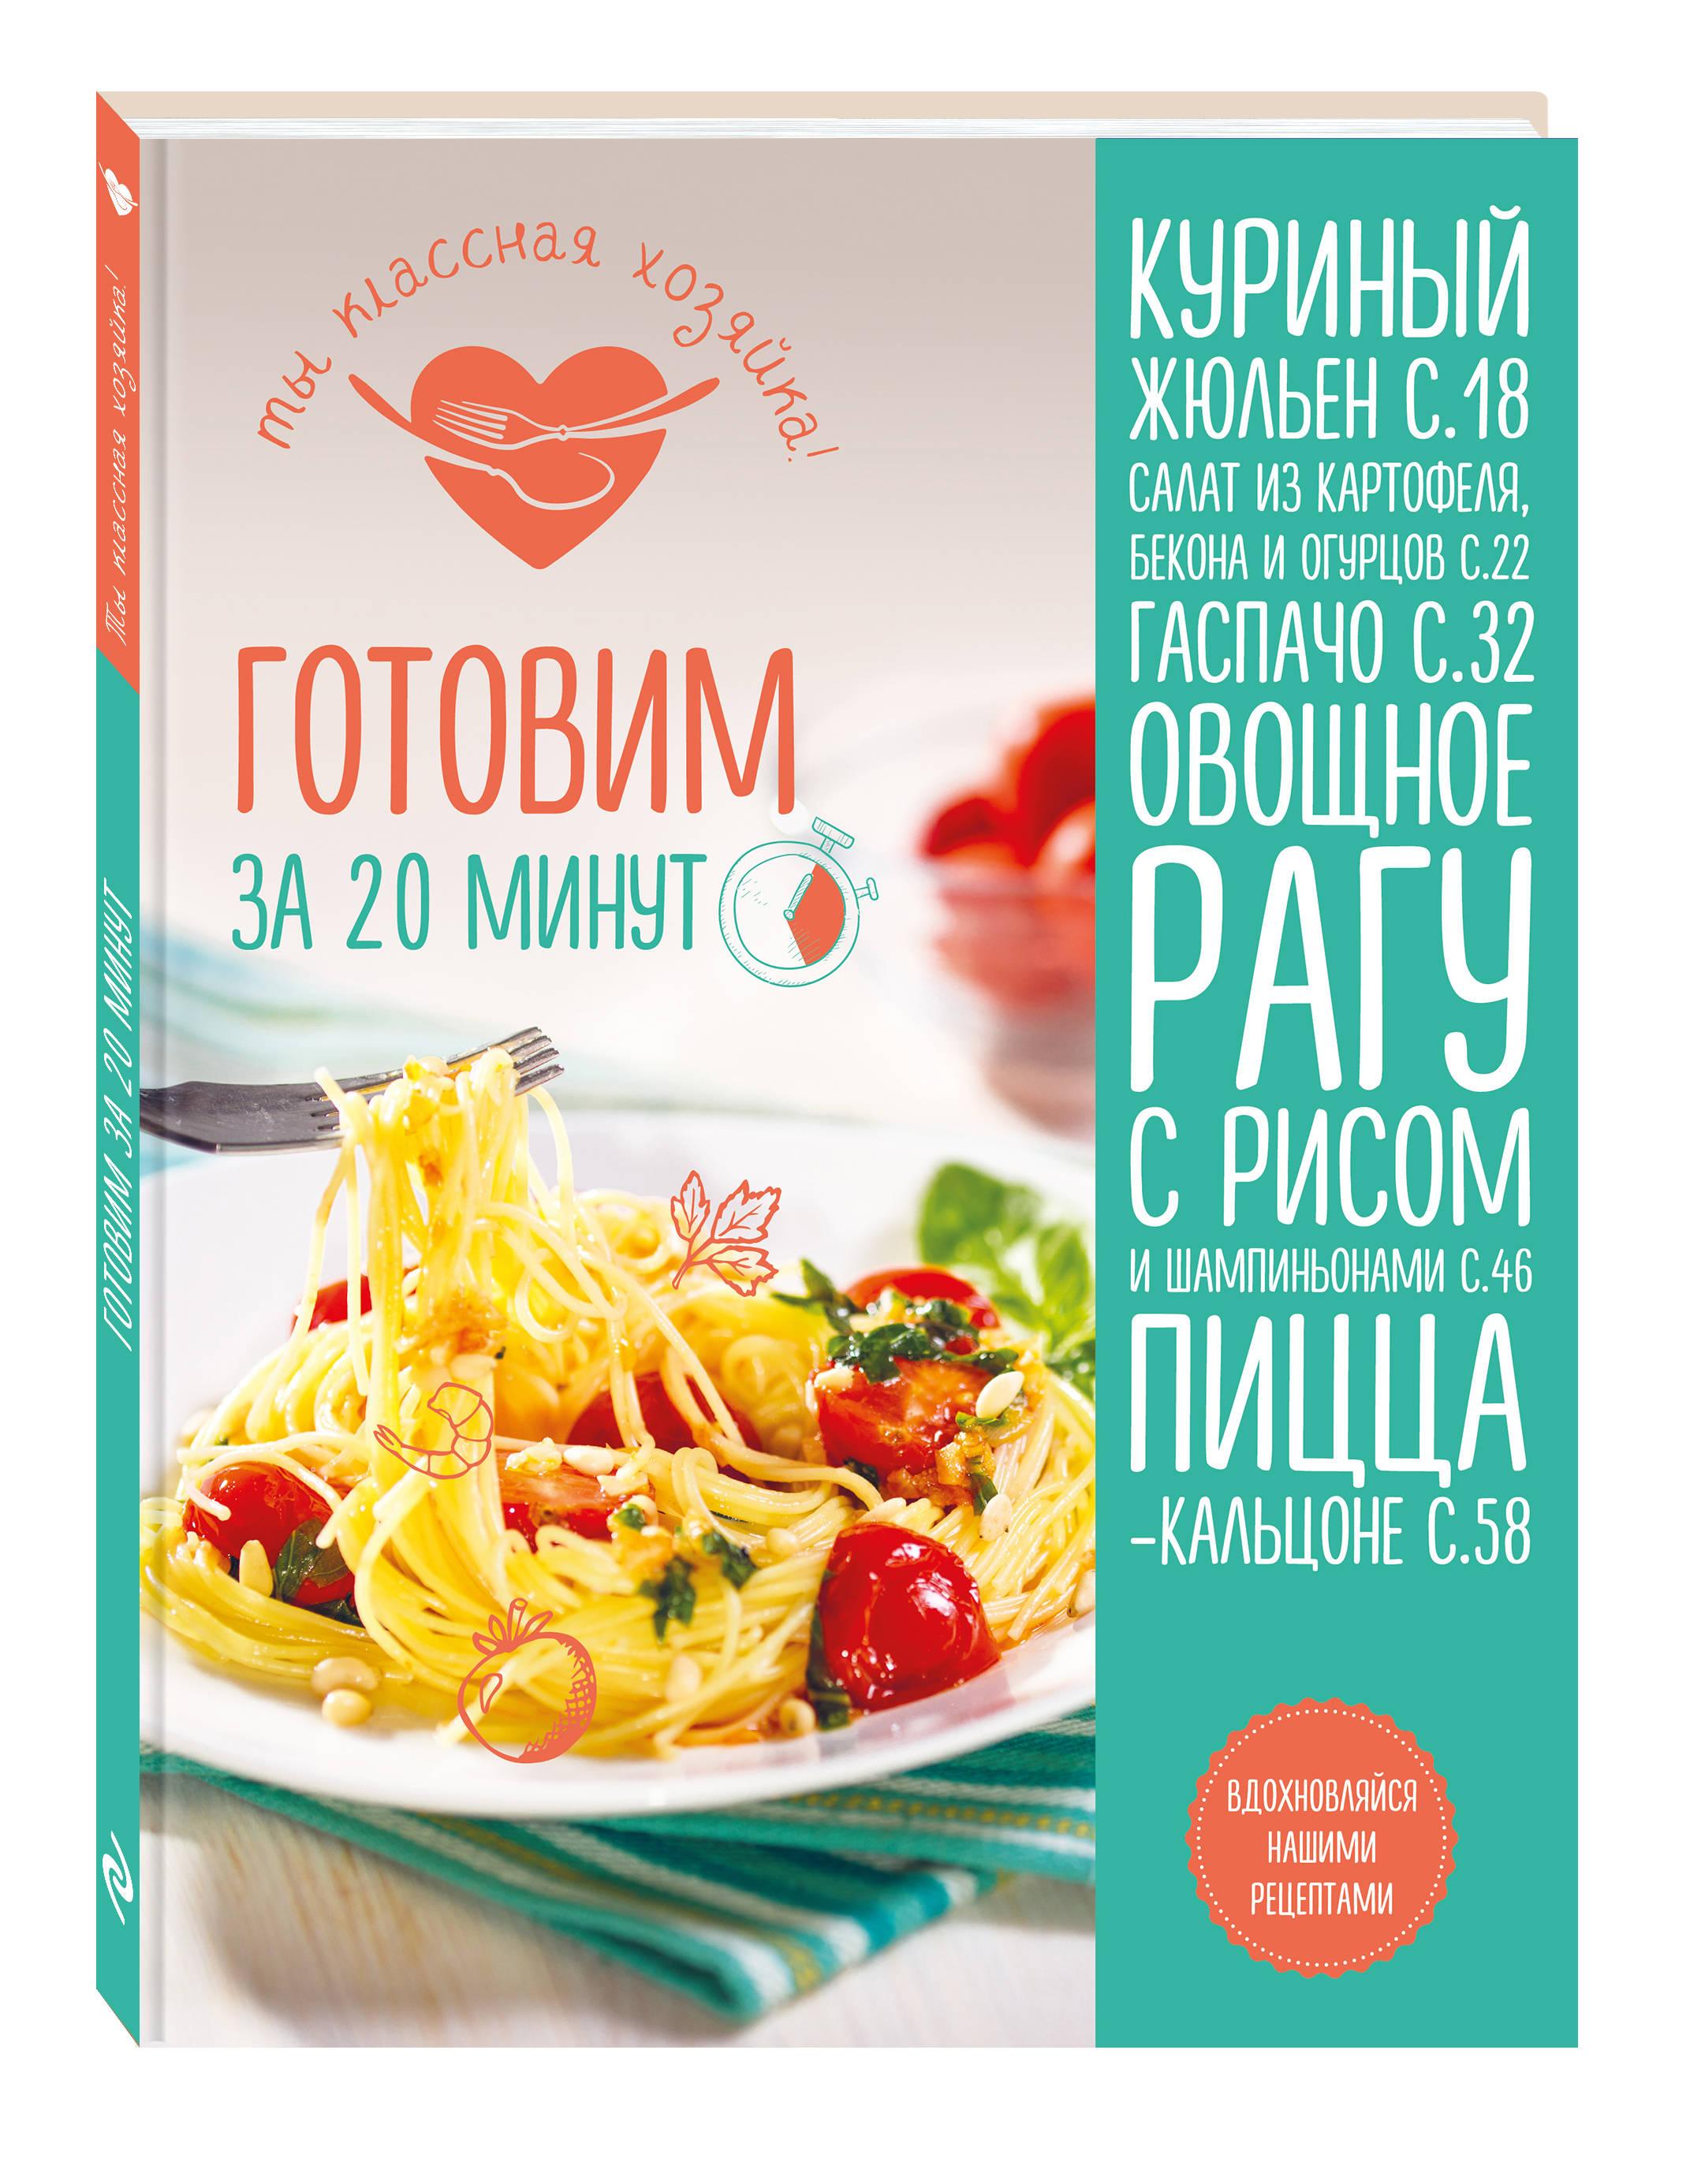 Готовим за 20 минут готовим просто и вкусно лучшие рецепты 20 брошюр